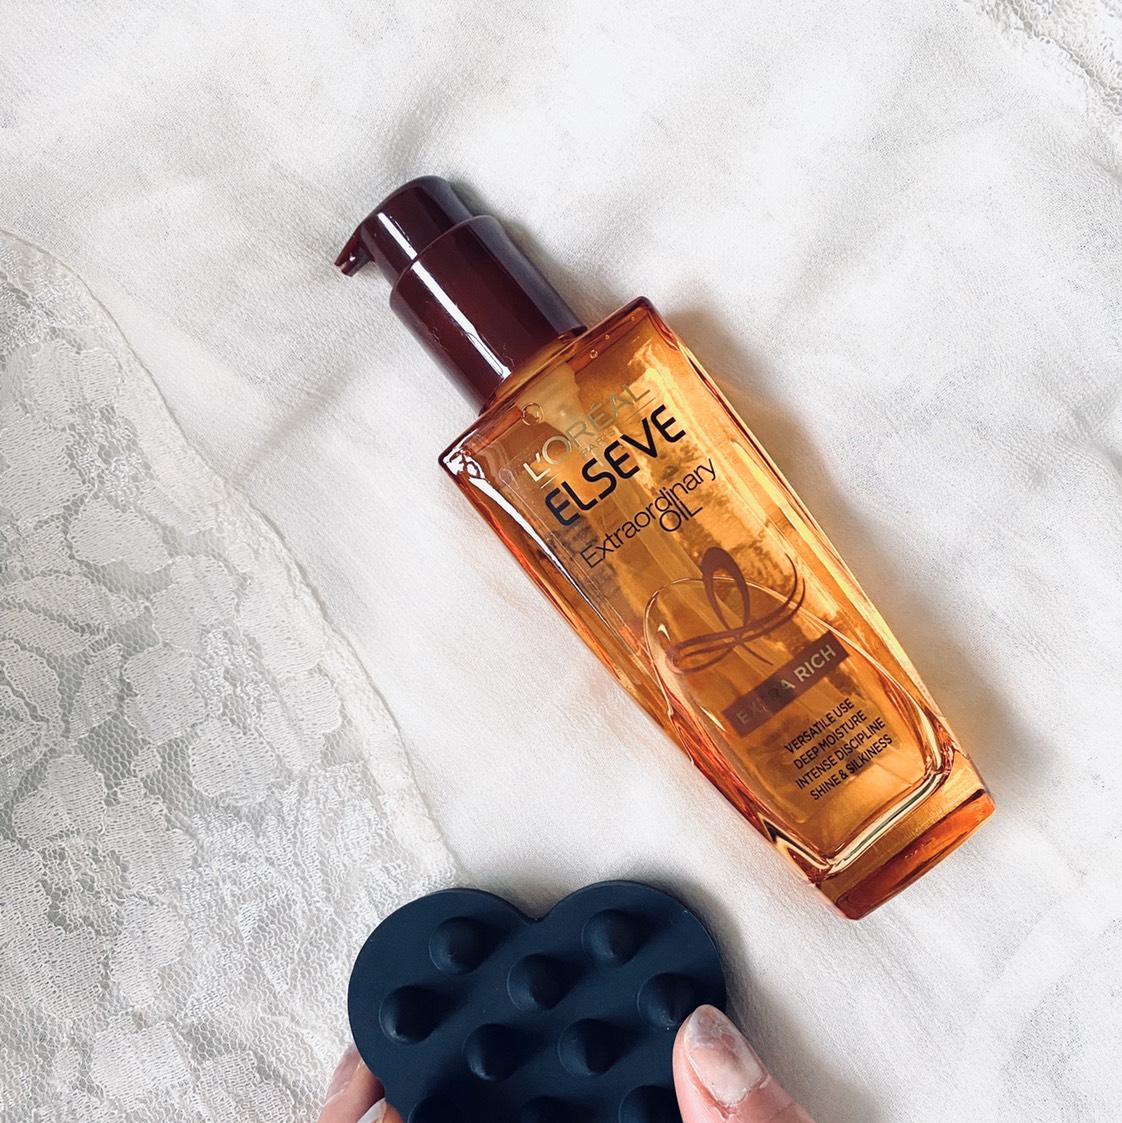 お風呂の中で毛先中心に揉み込みながら、ヘッドブラシでマッサージ。 血行が良くなり髪も艶々に♡ スタイリングする時にはウェットな状態でオイルを揉み込むとしっとりツヤッと仕上がります。